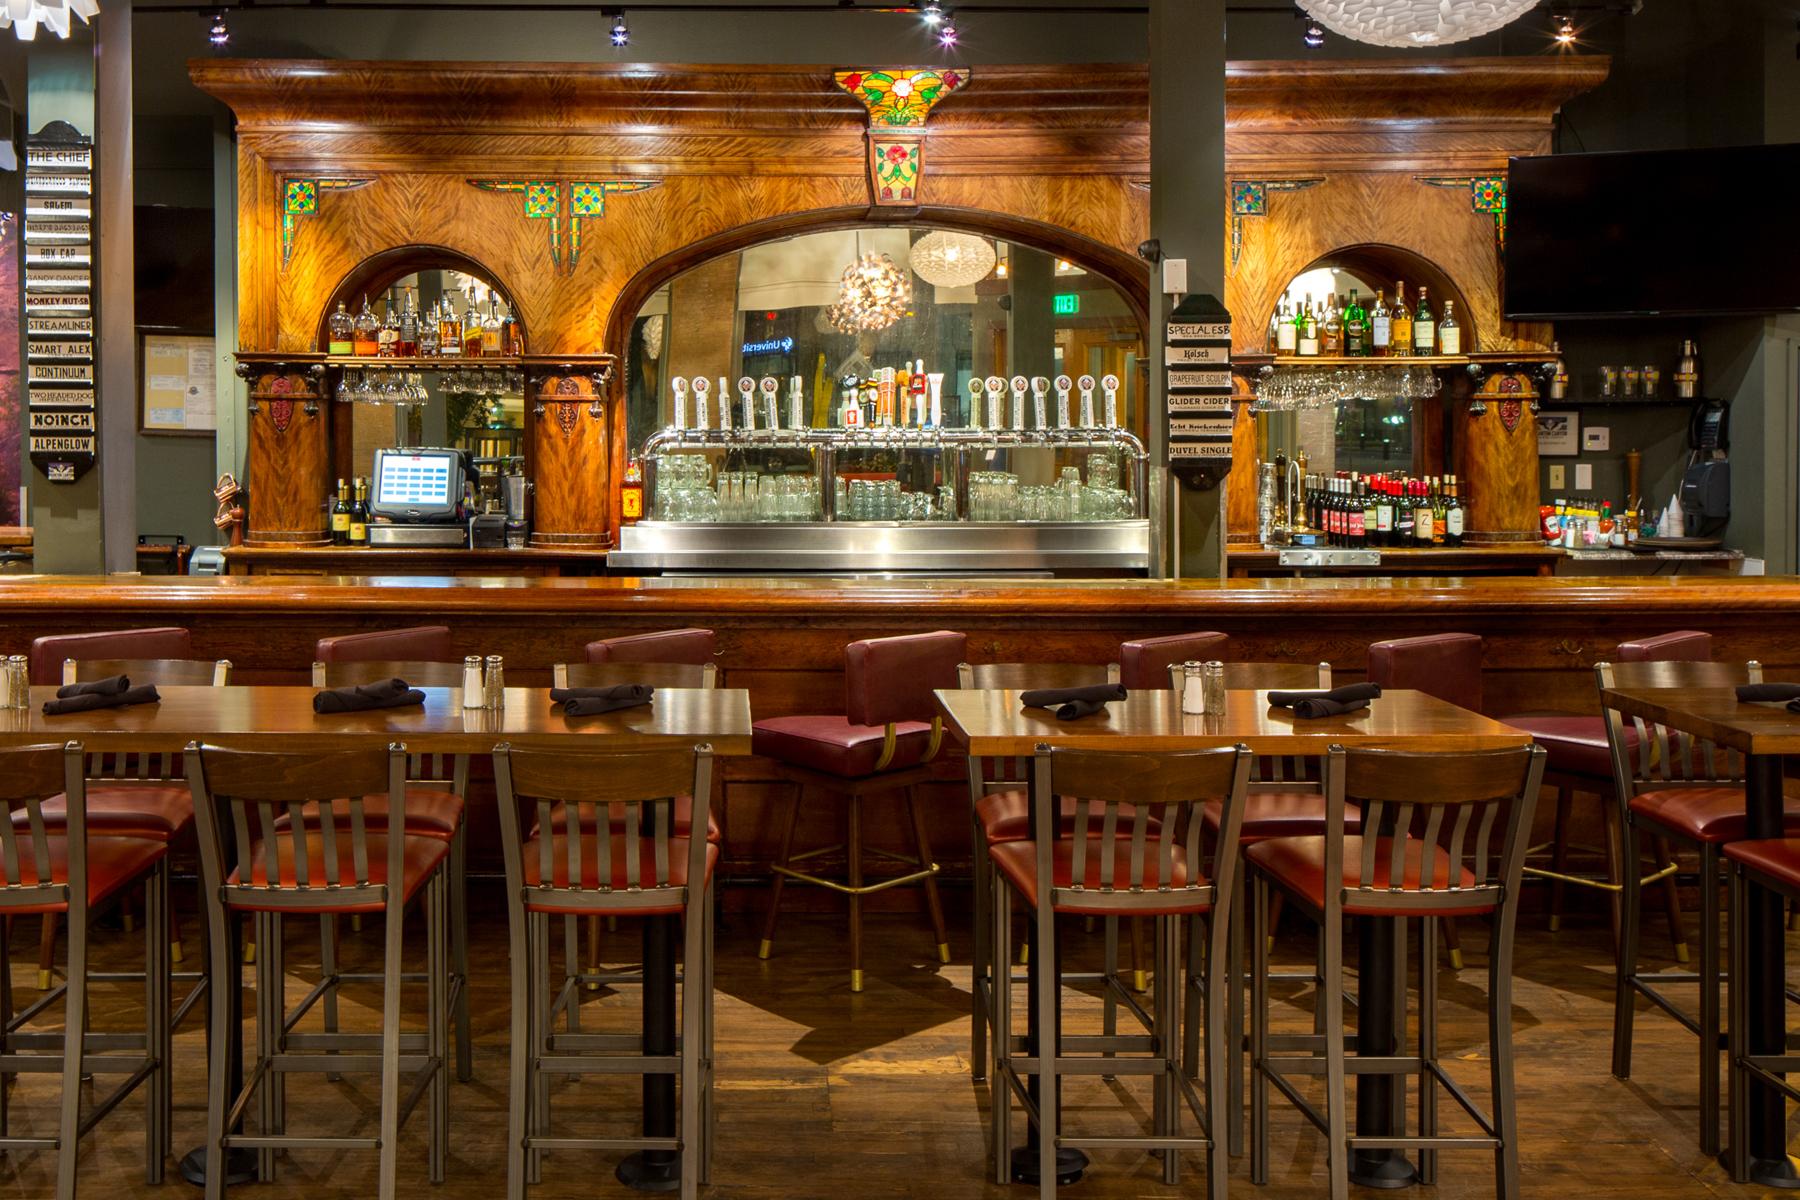 Colorado Springs Restaurant Remodel